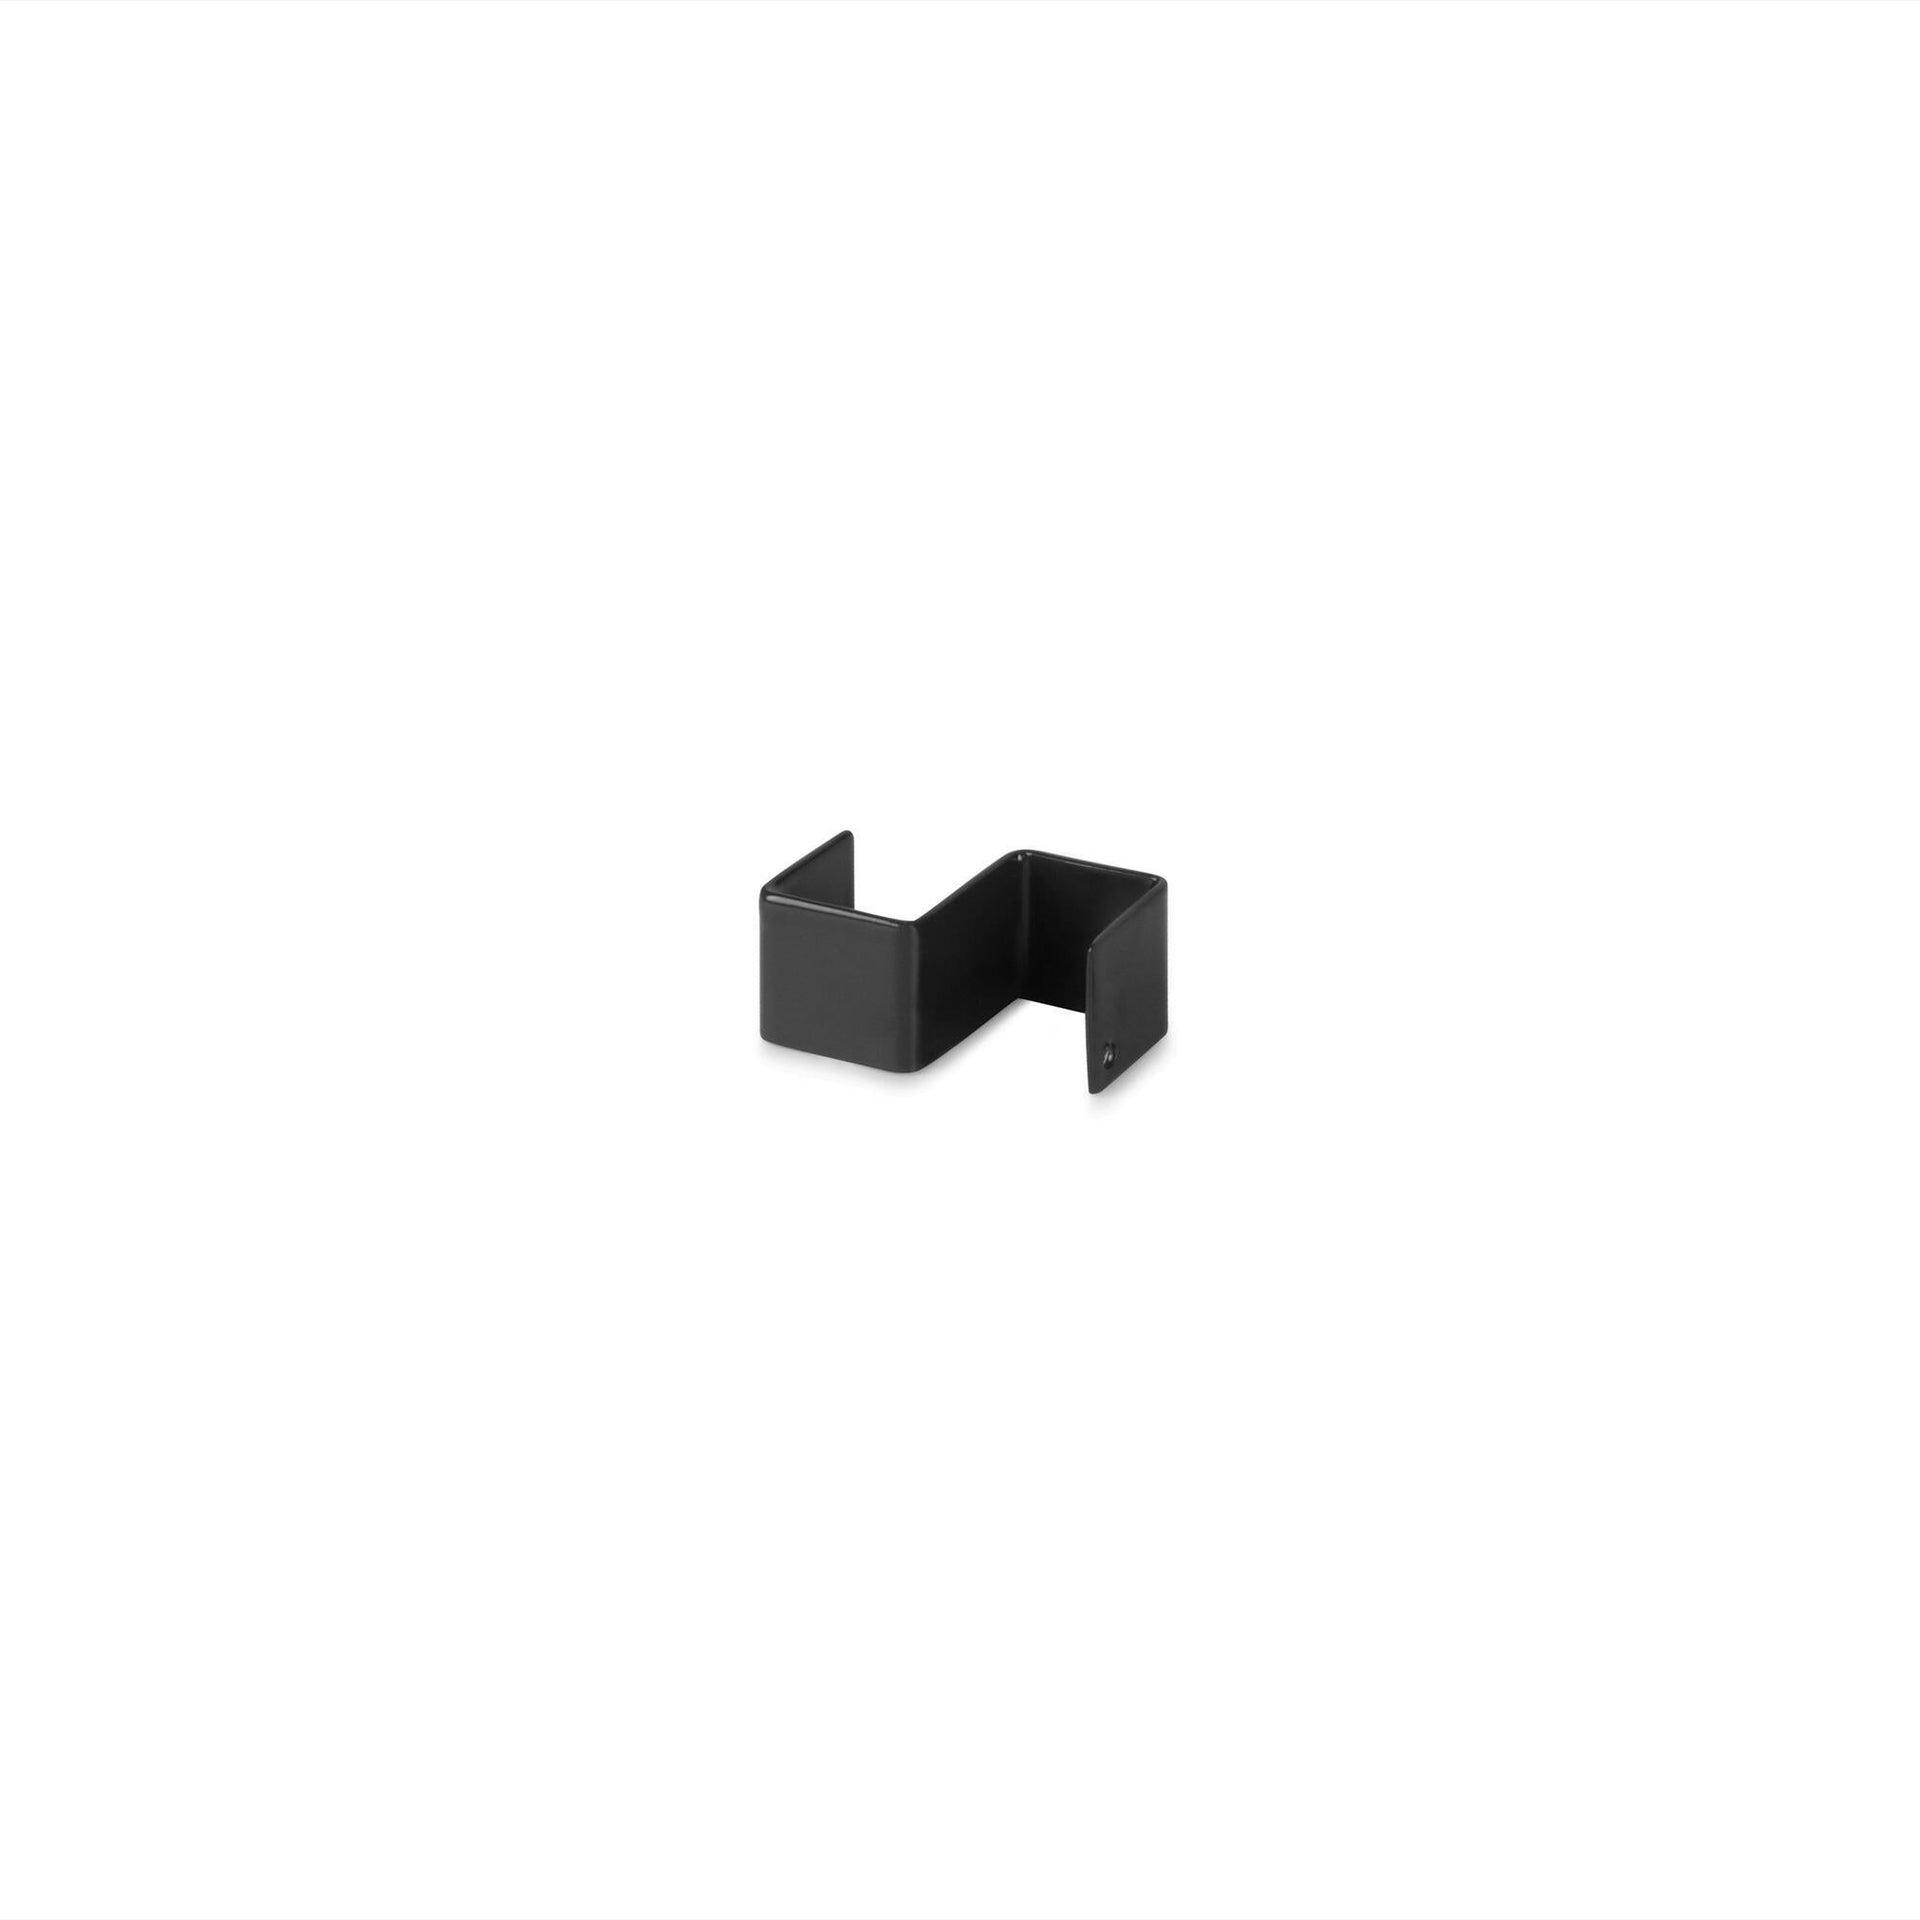 Gancio DELINIA ID in acciaio nero - 3